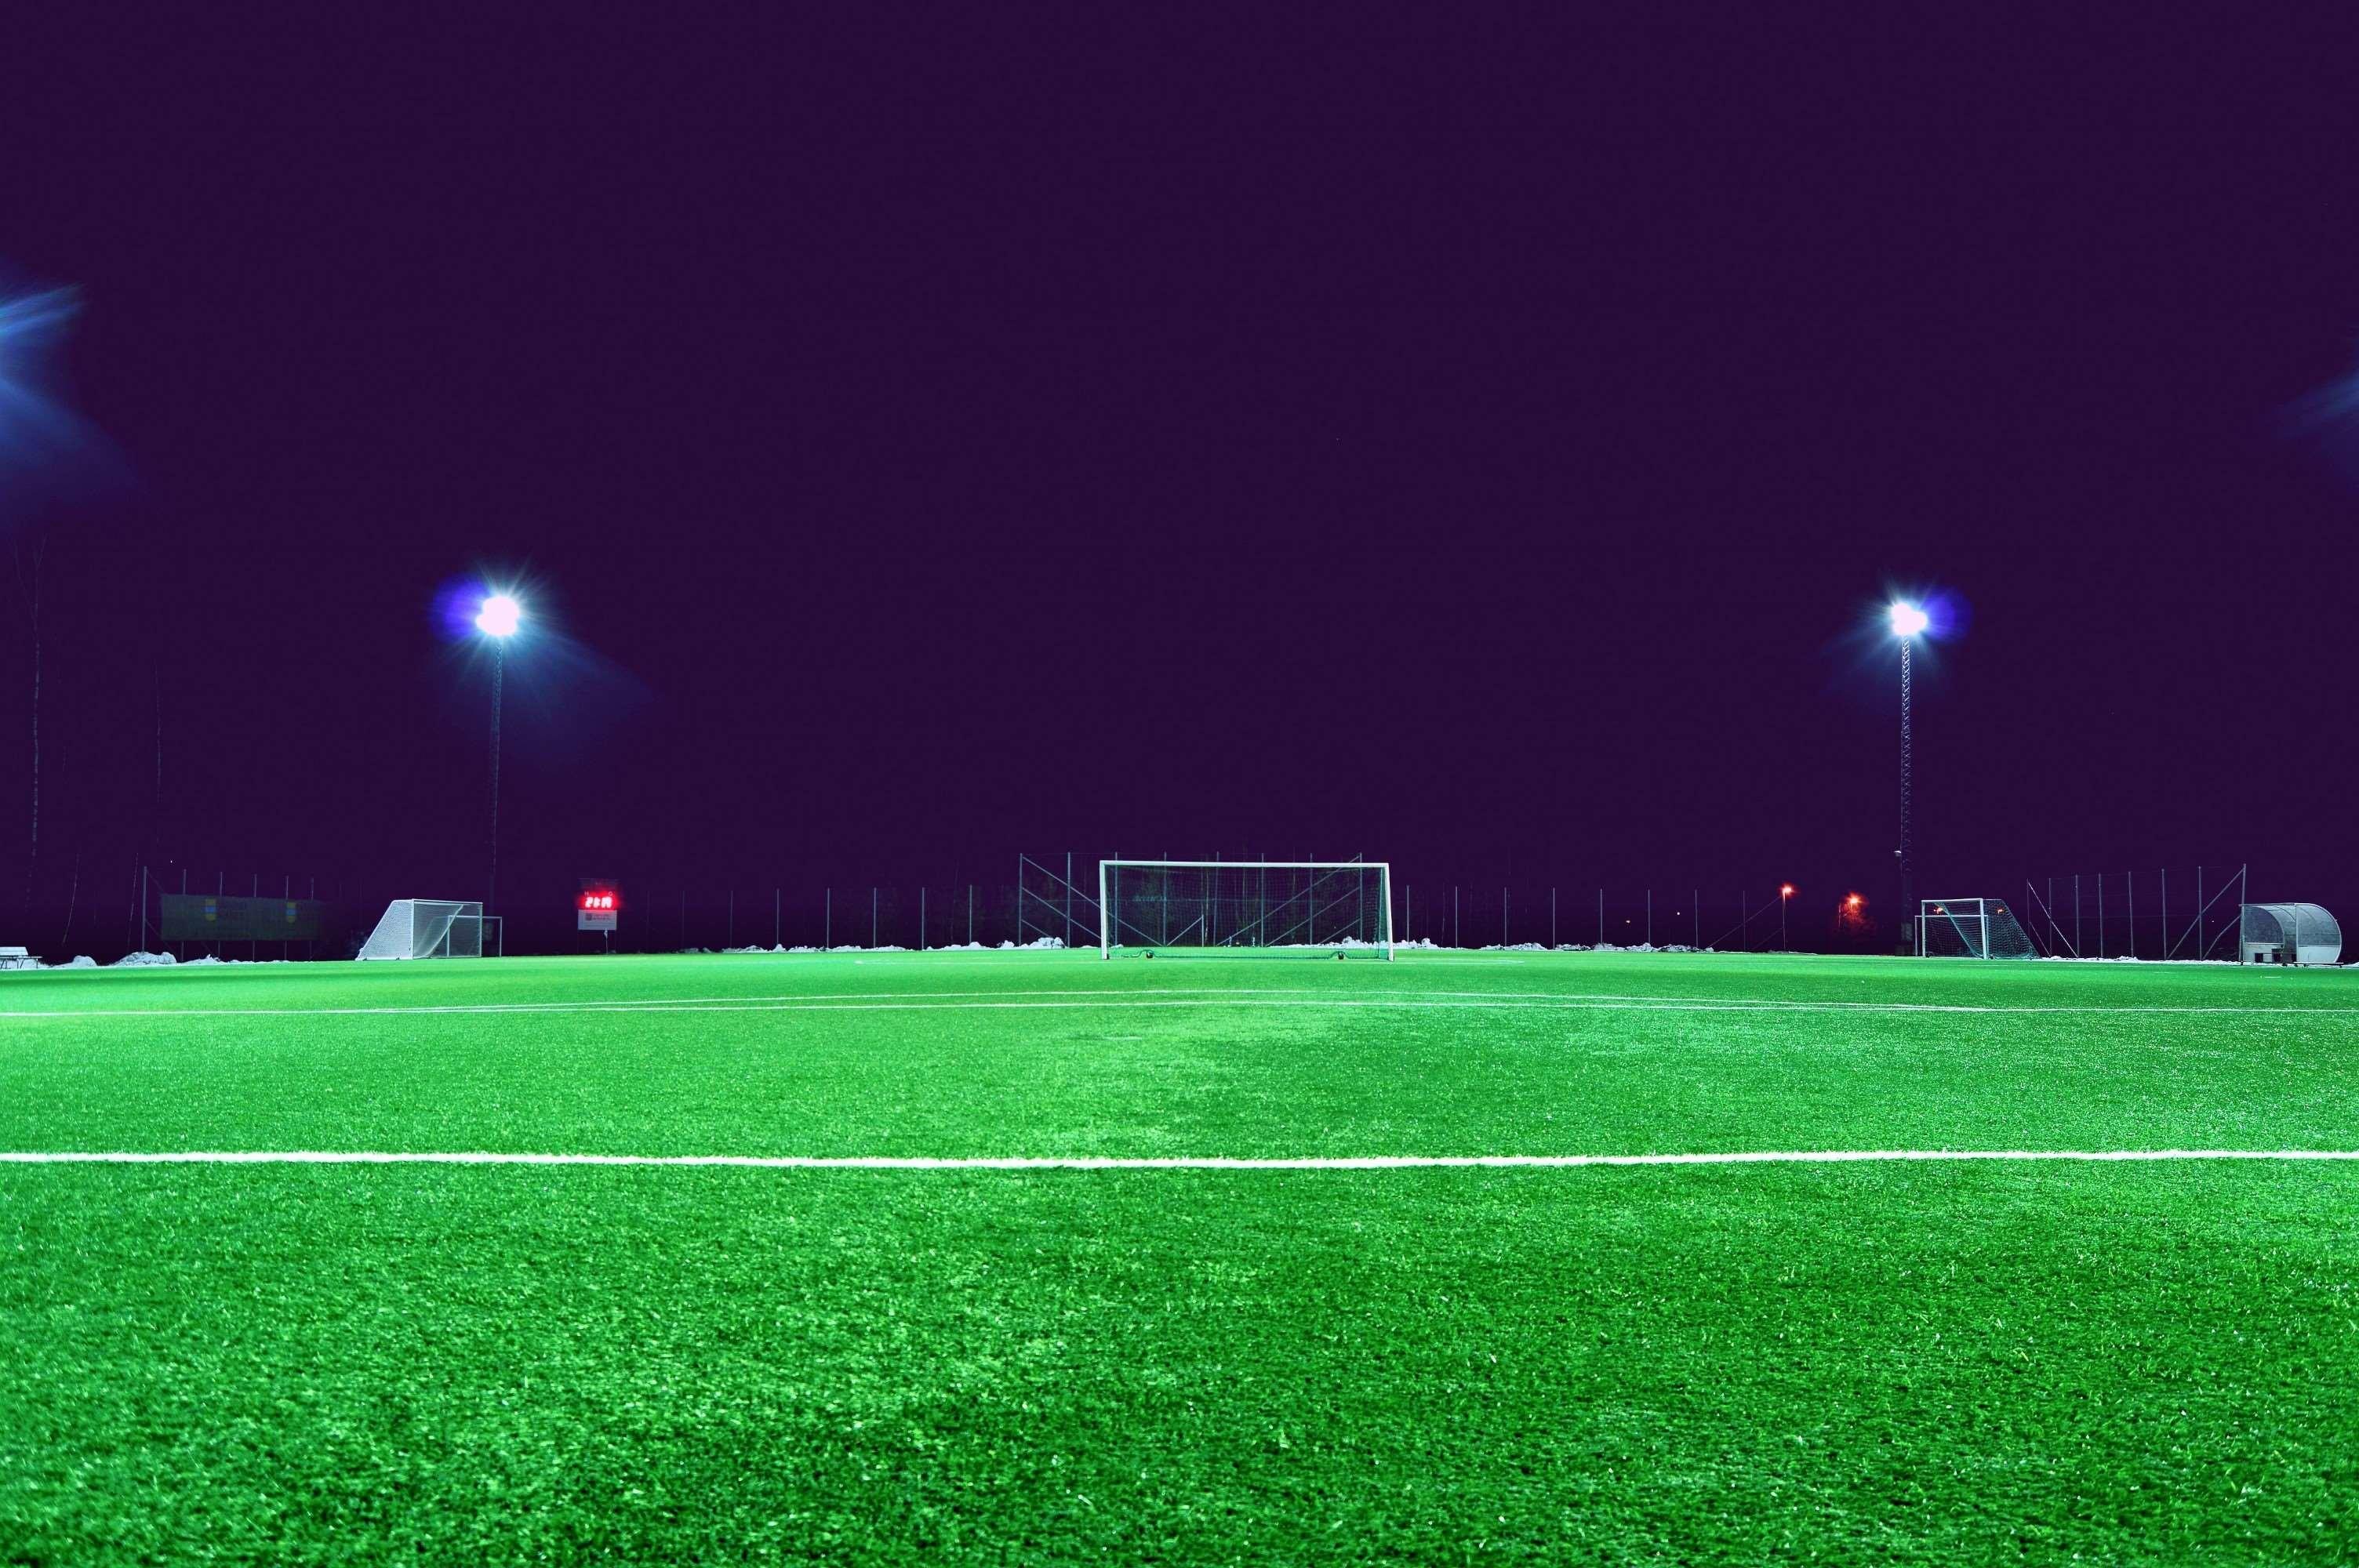 Res: 3008x2000, evening, field, football field, goal, grass, green, ground, lawn